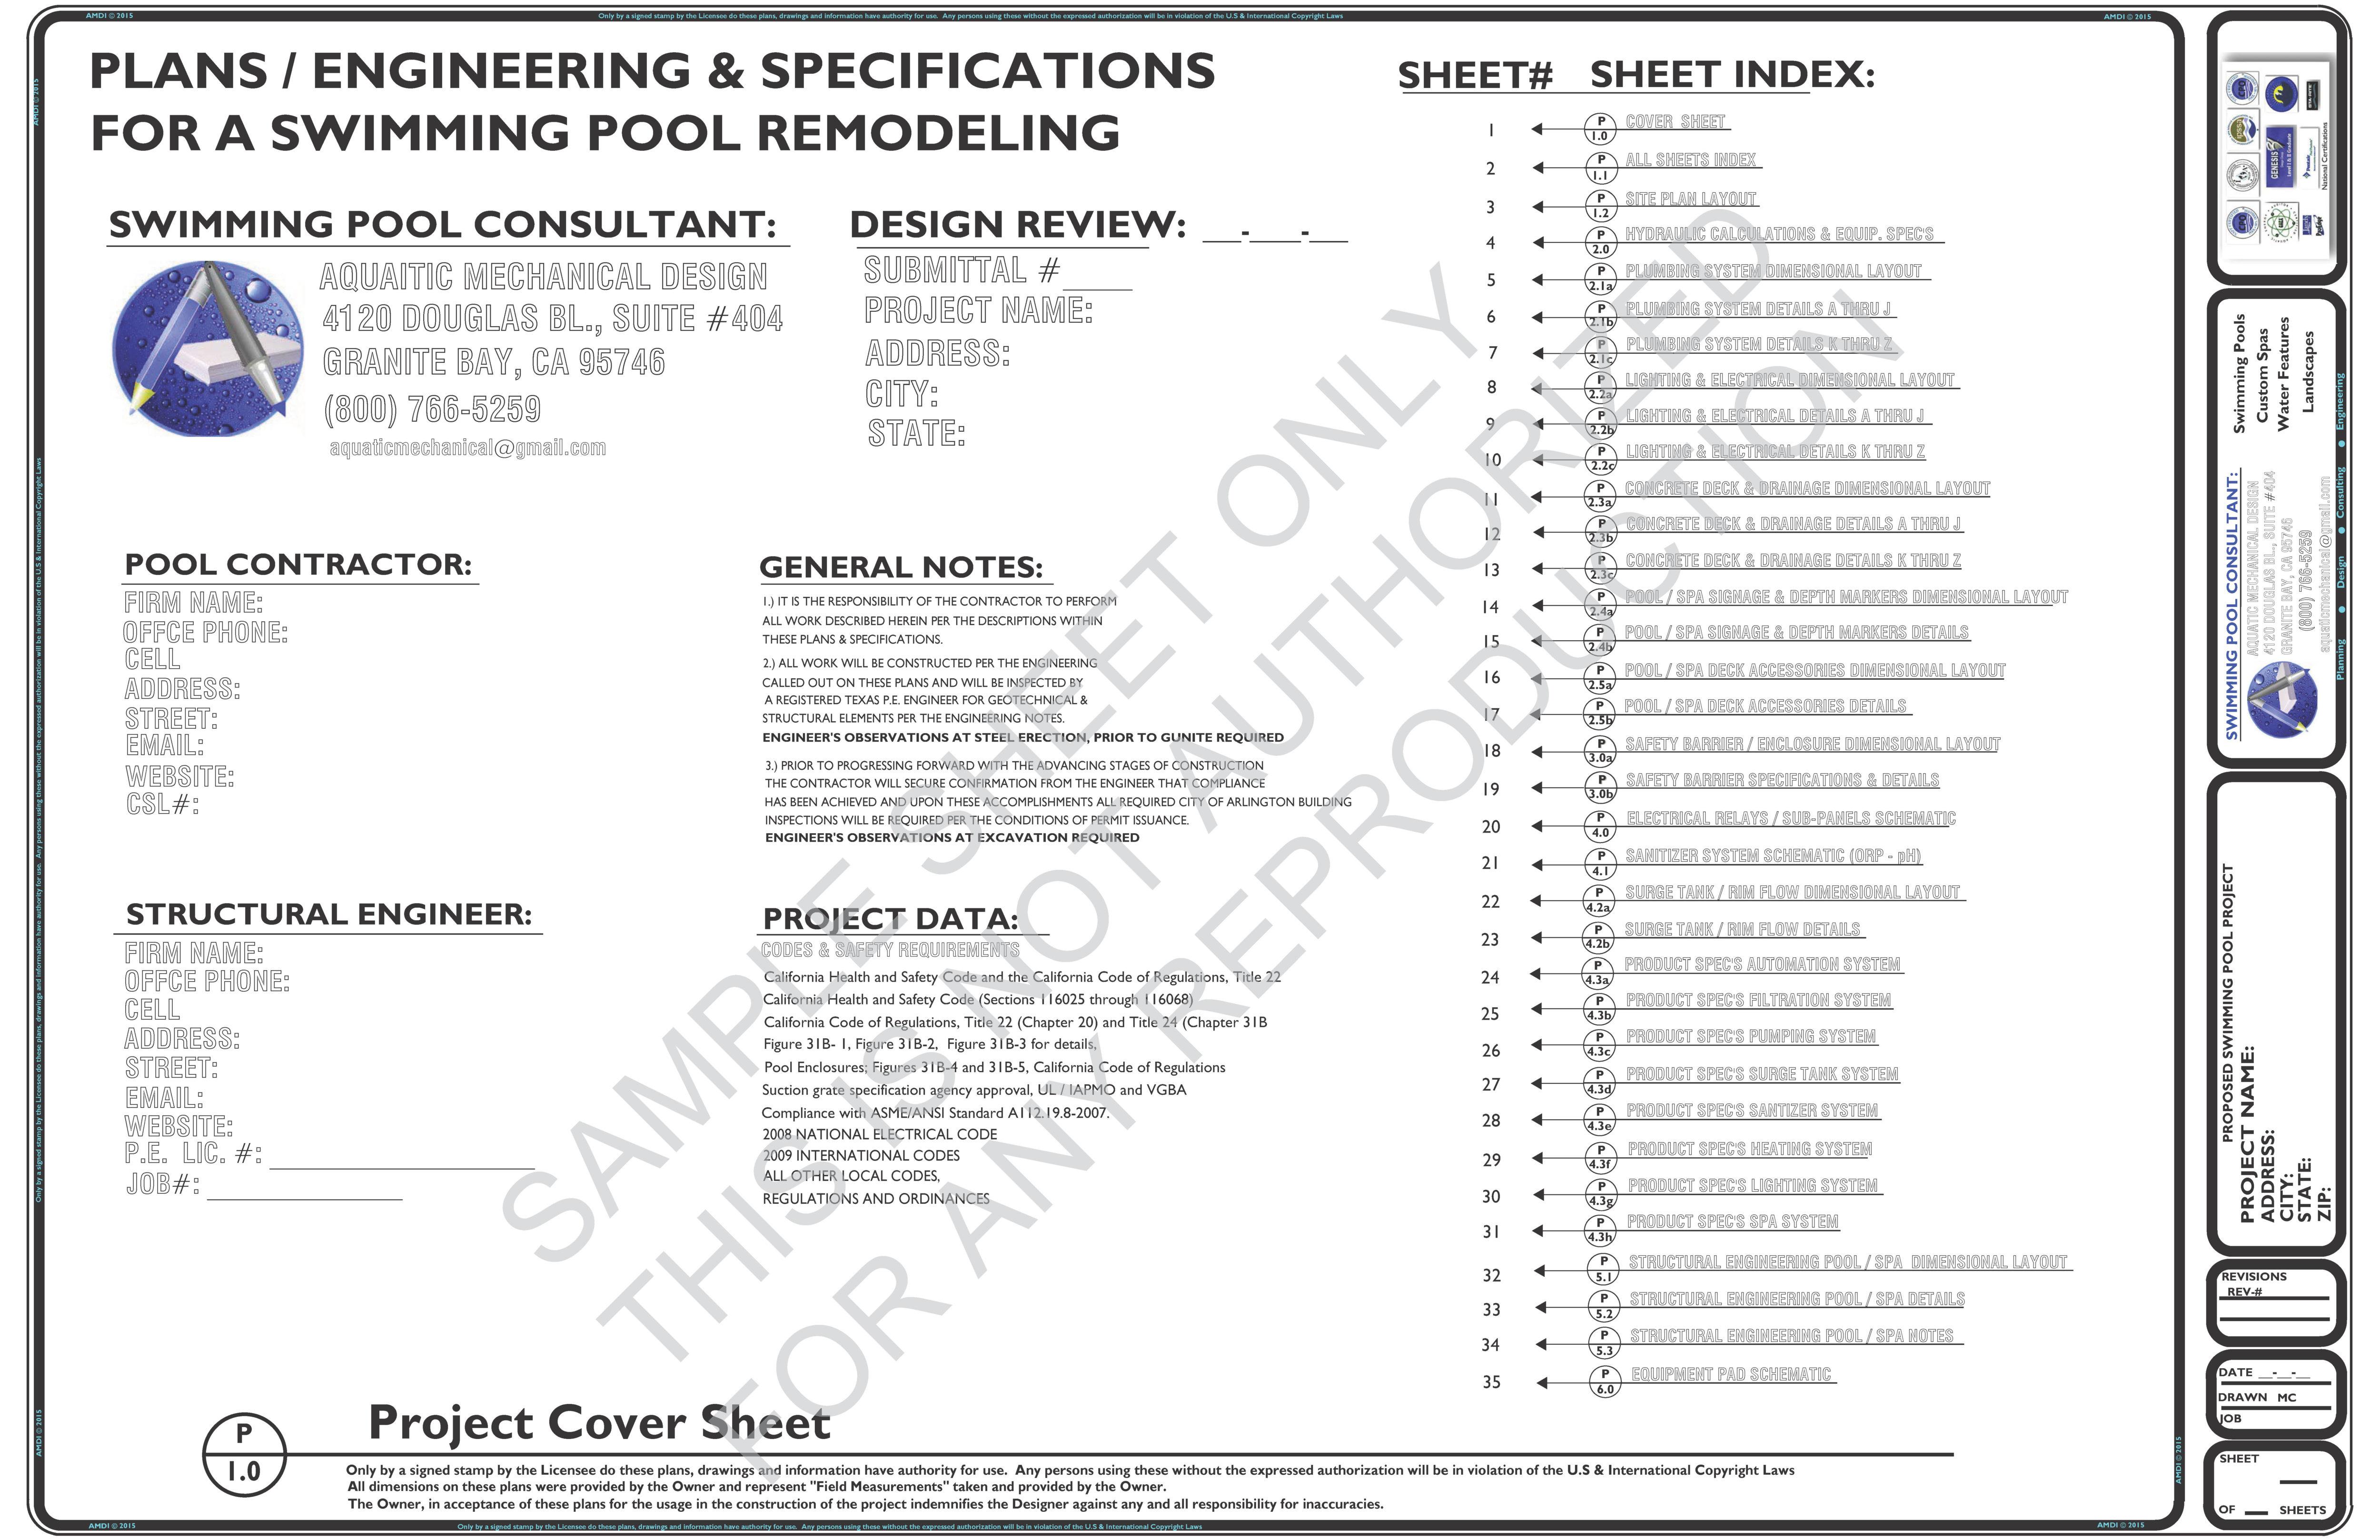 Plan Sheet Index